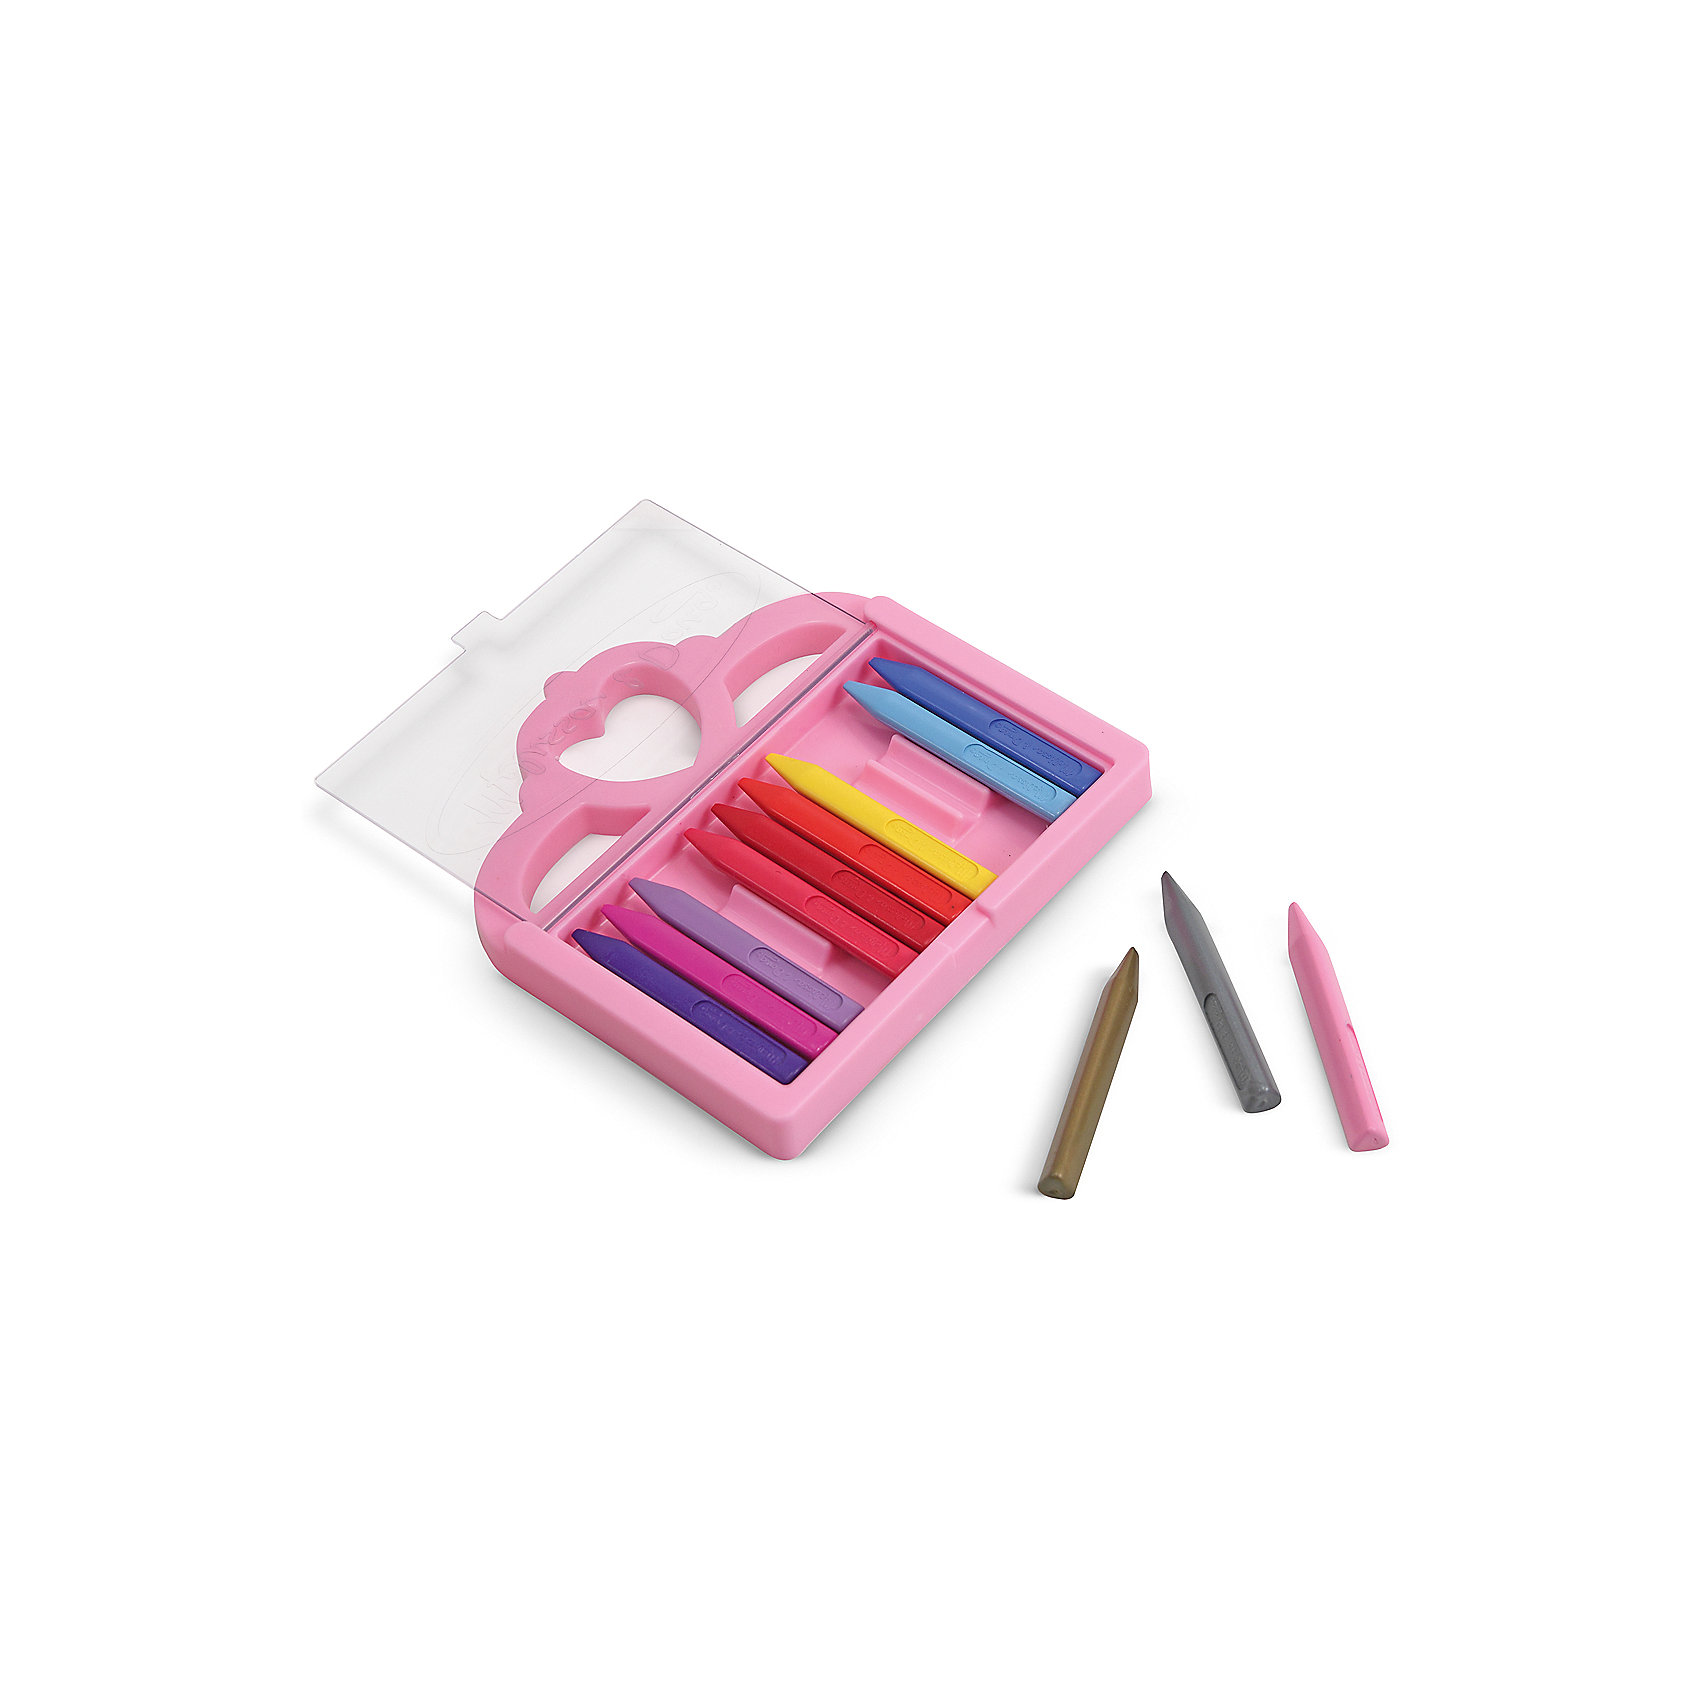 Набор карандашей для ПринцессыНабор цветных карандашей – классический пункт в списке школьных покупок. Качественные карандаши прослужат ребенку не один год даже при активном использовании. Важно подобрать набор с яркими цветами, мягким, но прочным стержнем и грифелем с легкой растушевкой. Данная модель набора цветных карандашей – отличный выбор для обновки школьного пенала. Карандаши имеют трехгранный корпус, что выглядит довольно необычно. Такая форма помогает карандашам не раскатываться по поверхности. Все материалы, использованные при изготовлении, отвечают международным требованиям по качеству и безопасности.<br><br>Дополнительная информация: <br><br>количество цветов: 12 шт;<br>упаковка: коробка.<br><br>Набор карандашей для Принцессы можно приобрести в нашем магазине.<br><br>Ширина мм: 160<br>Глубина мм: 20<br>Высота мм: 160<br>Вес г: 181<br>Возраст от месяцев: 36<br>Возраст до месяцев: 108<br>Пол: Женский<br>Возраст: Детский<br>SKU: 4993649